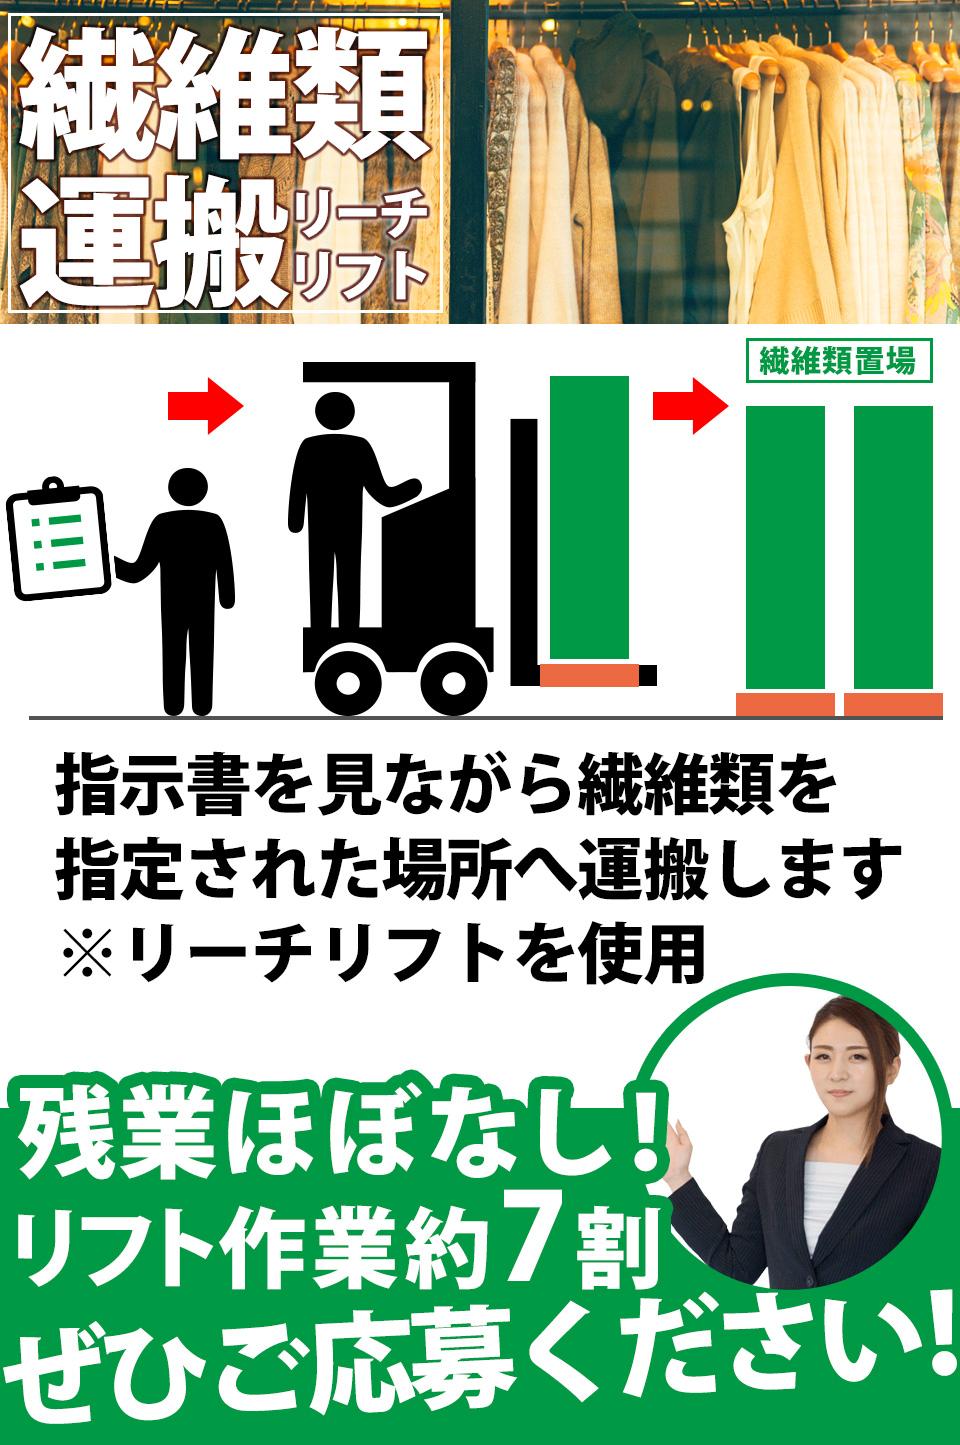 倉庫内リフト作業 石川県小松市の派遣社員求人